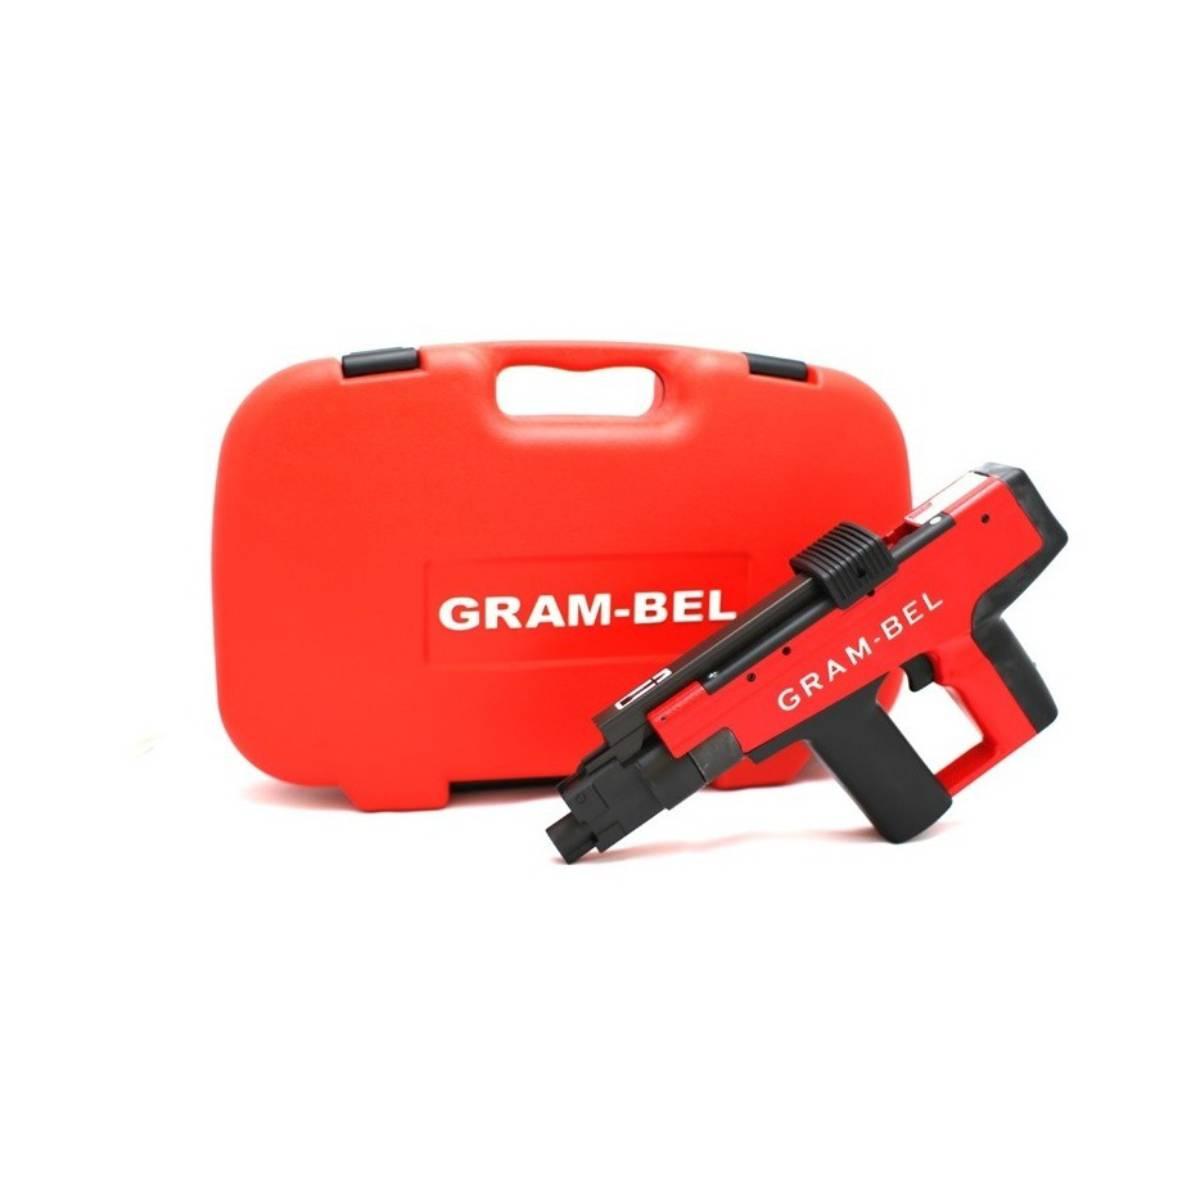 Pistola Impacto Disparador Fijacion 12mm 3In GB-450 Gram-Bel